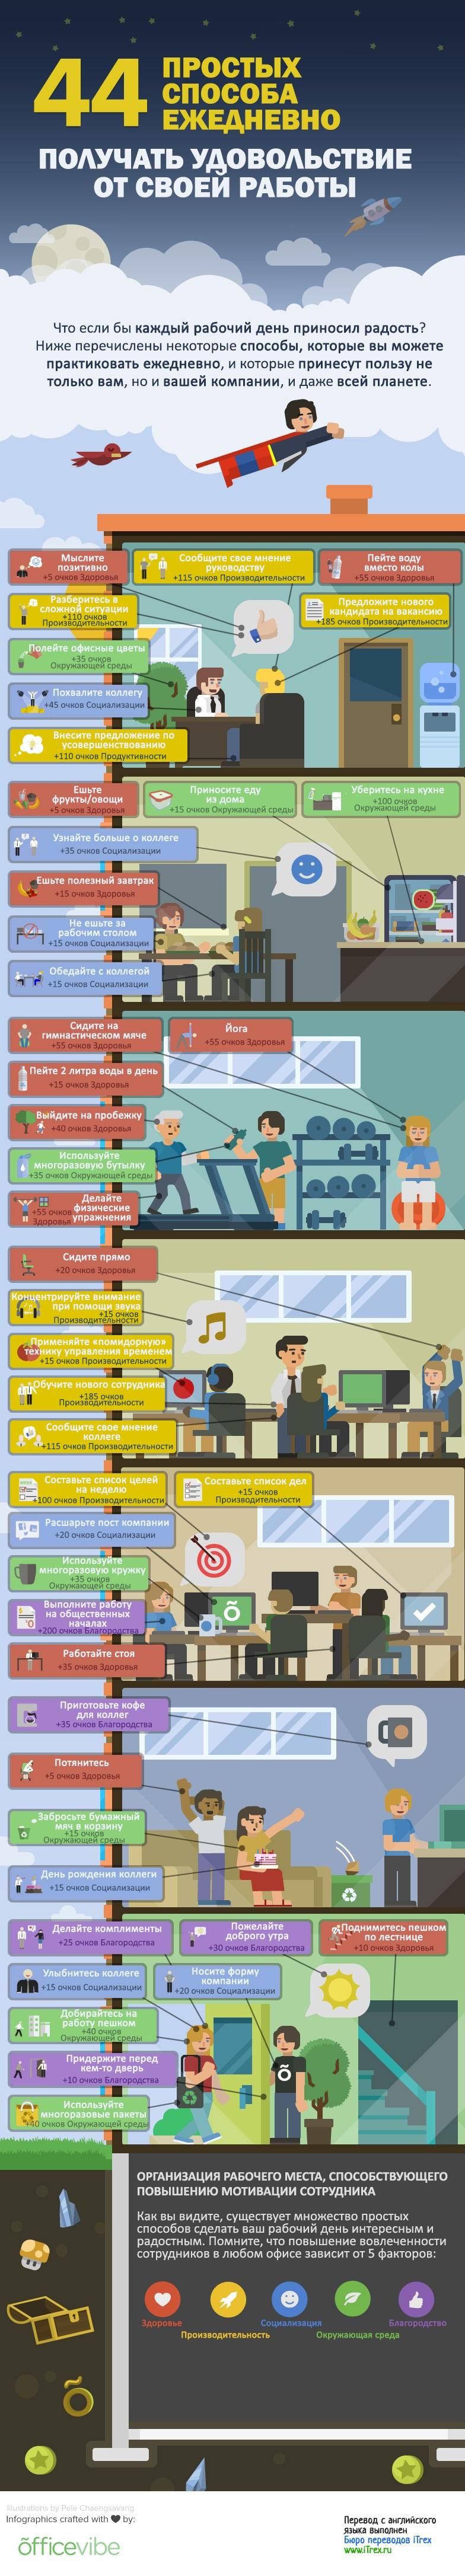 44 способа получать удовольствие от работы